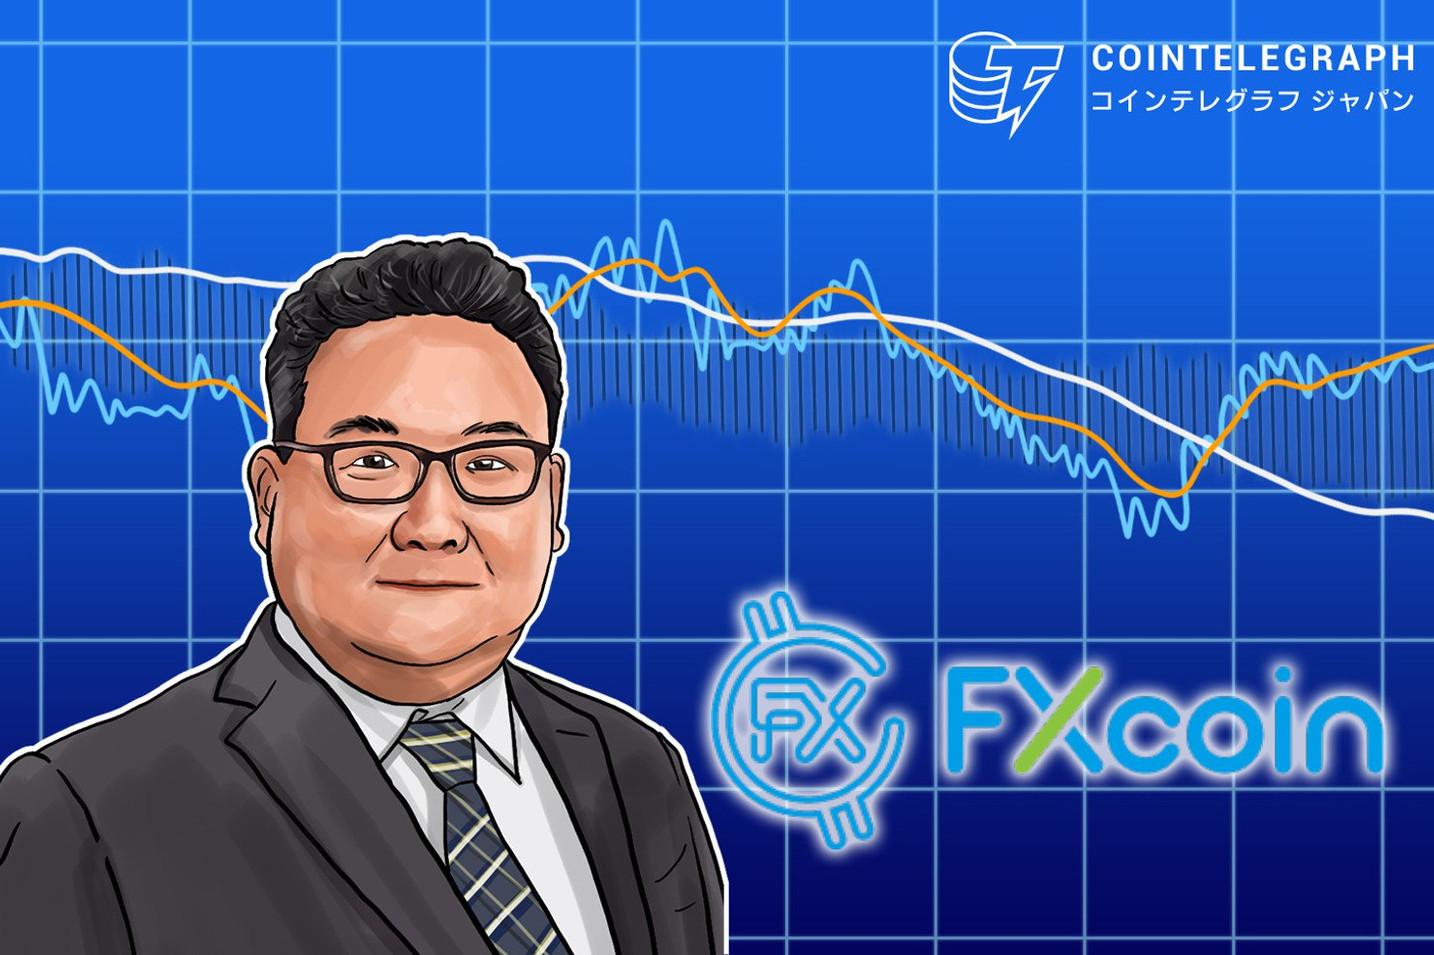 イベント終えたビットコイン、今年最後の山場到来か?【仮想通貨相場】